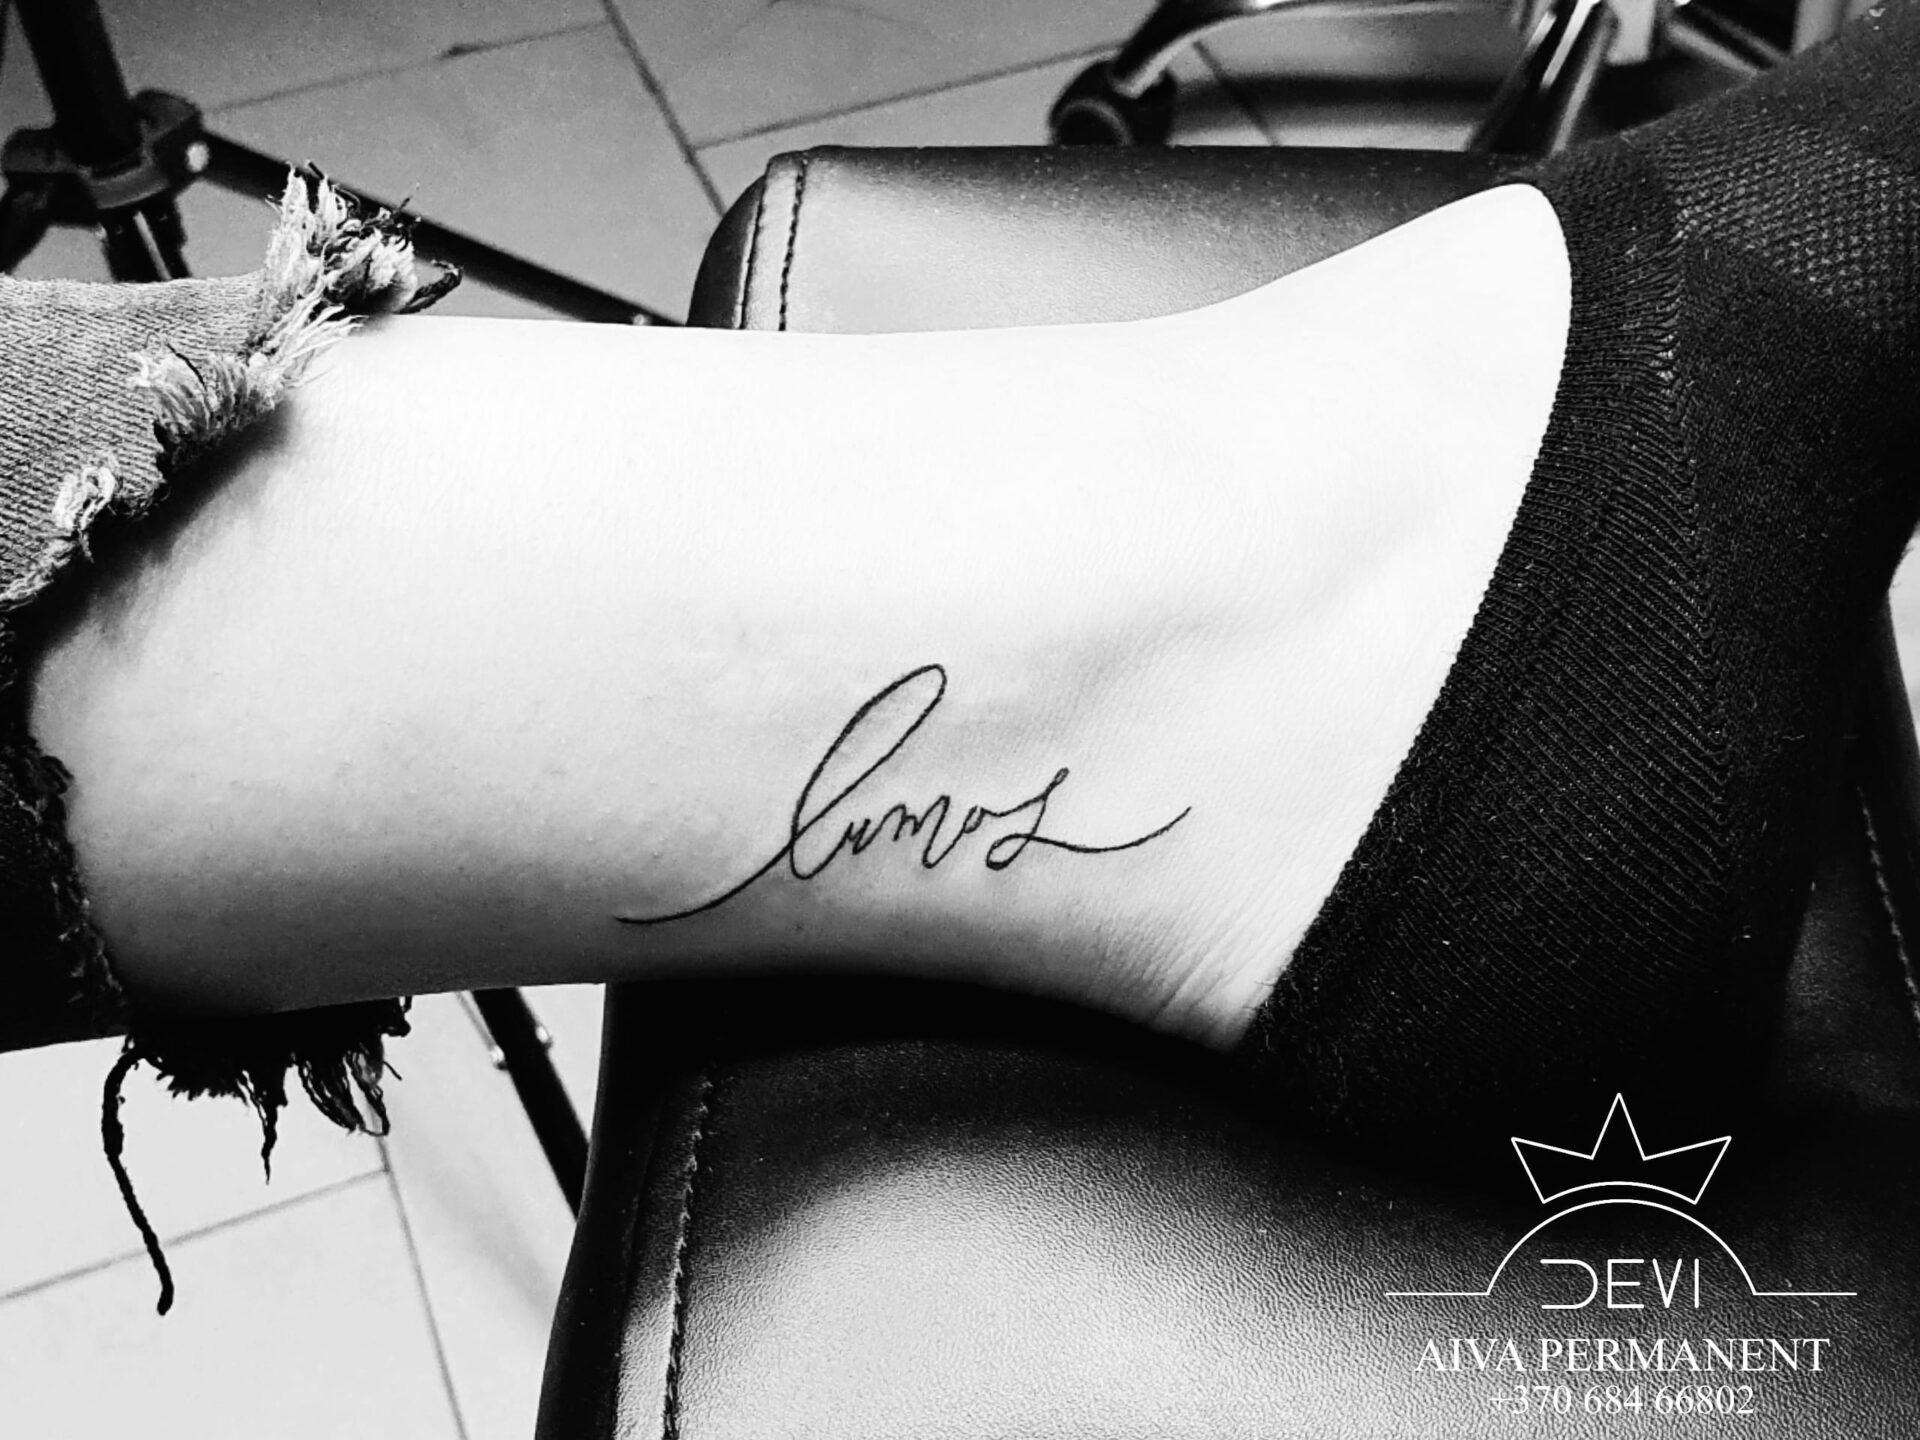 minitattoo, mini tattoo, aivapermanent, tattoo, tatuiruote, ilgalaikis makiazas,, klaipeda